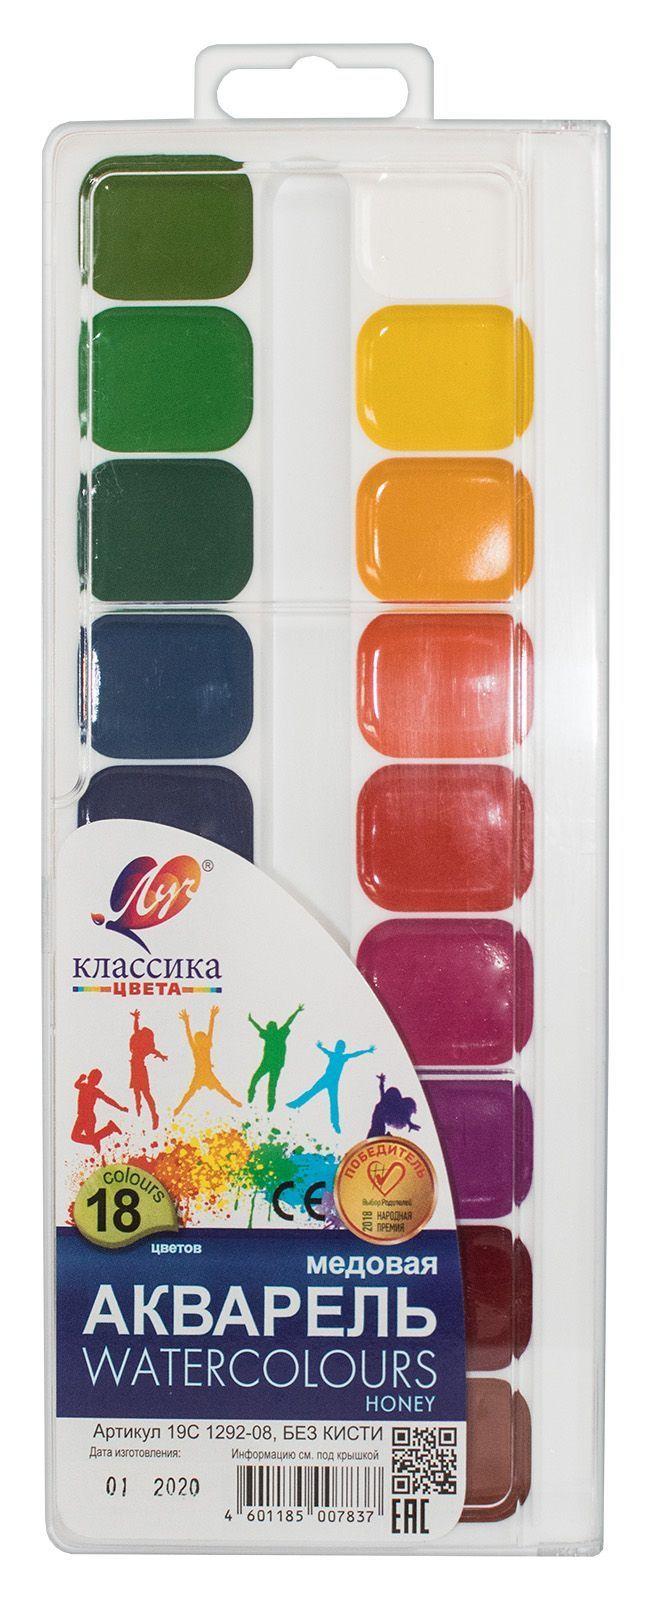 Акварель ЛУЧ КЛАССИКА 18 цветов, пластиковая упаковка, без кисти, европодвес